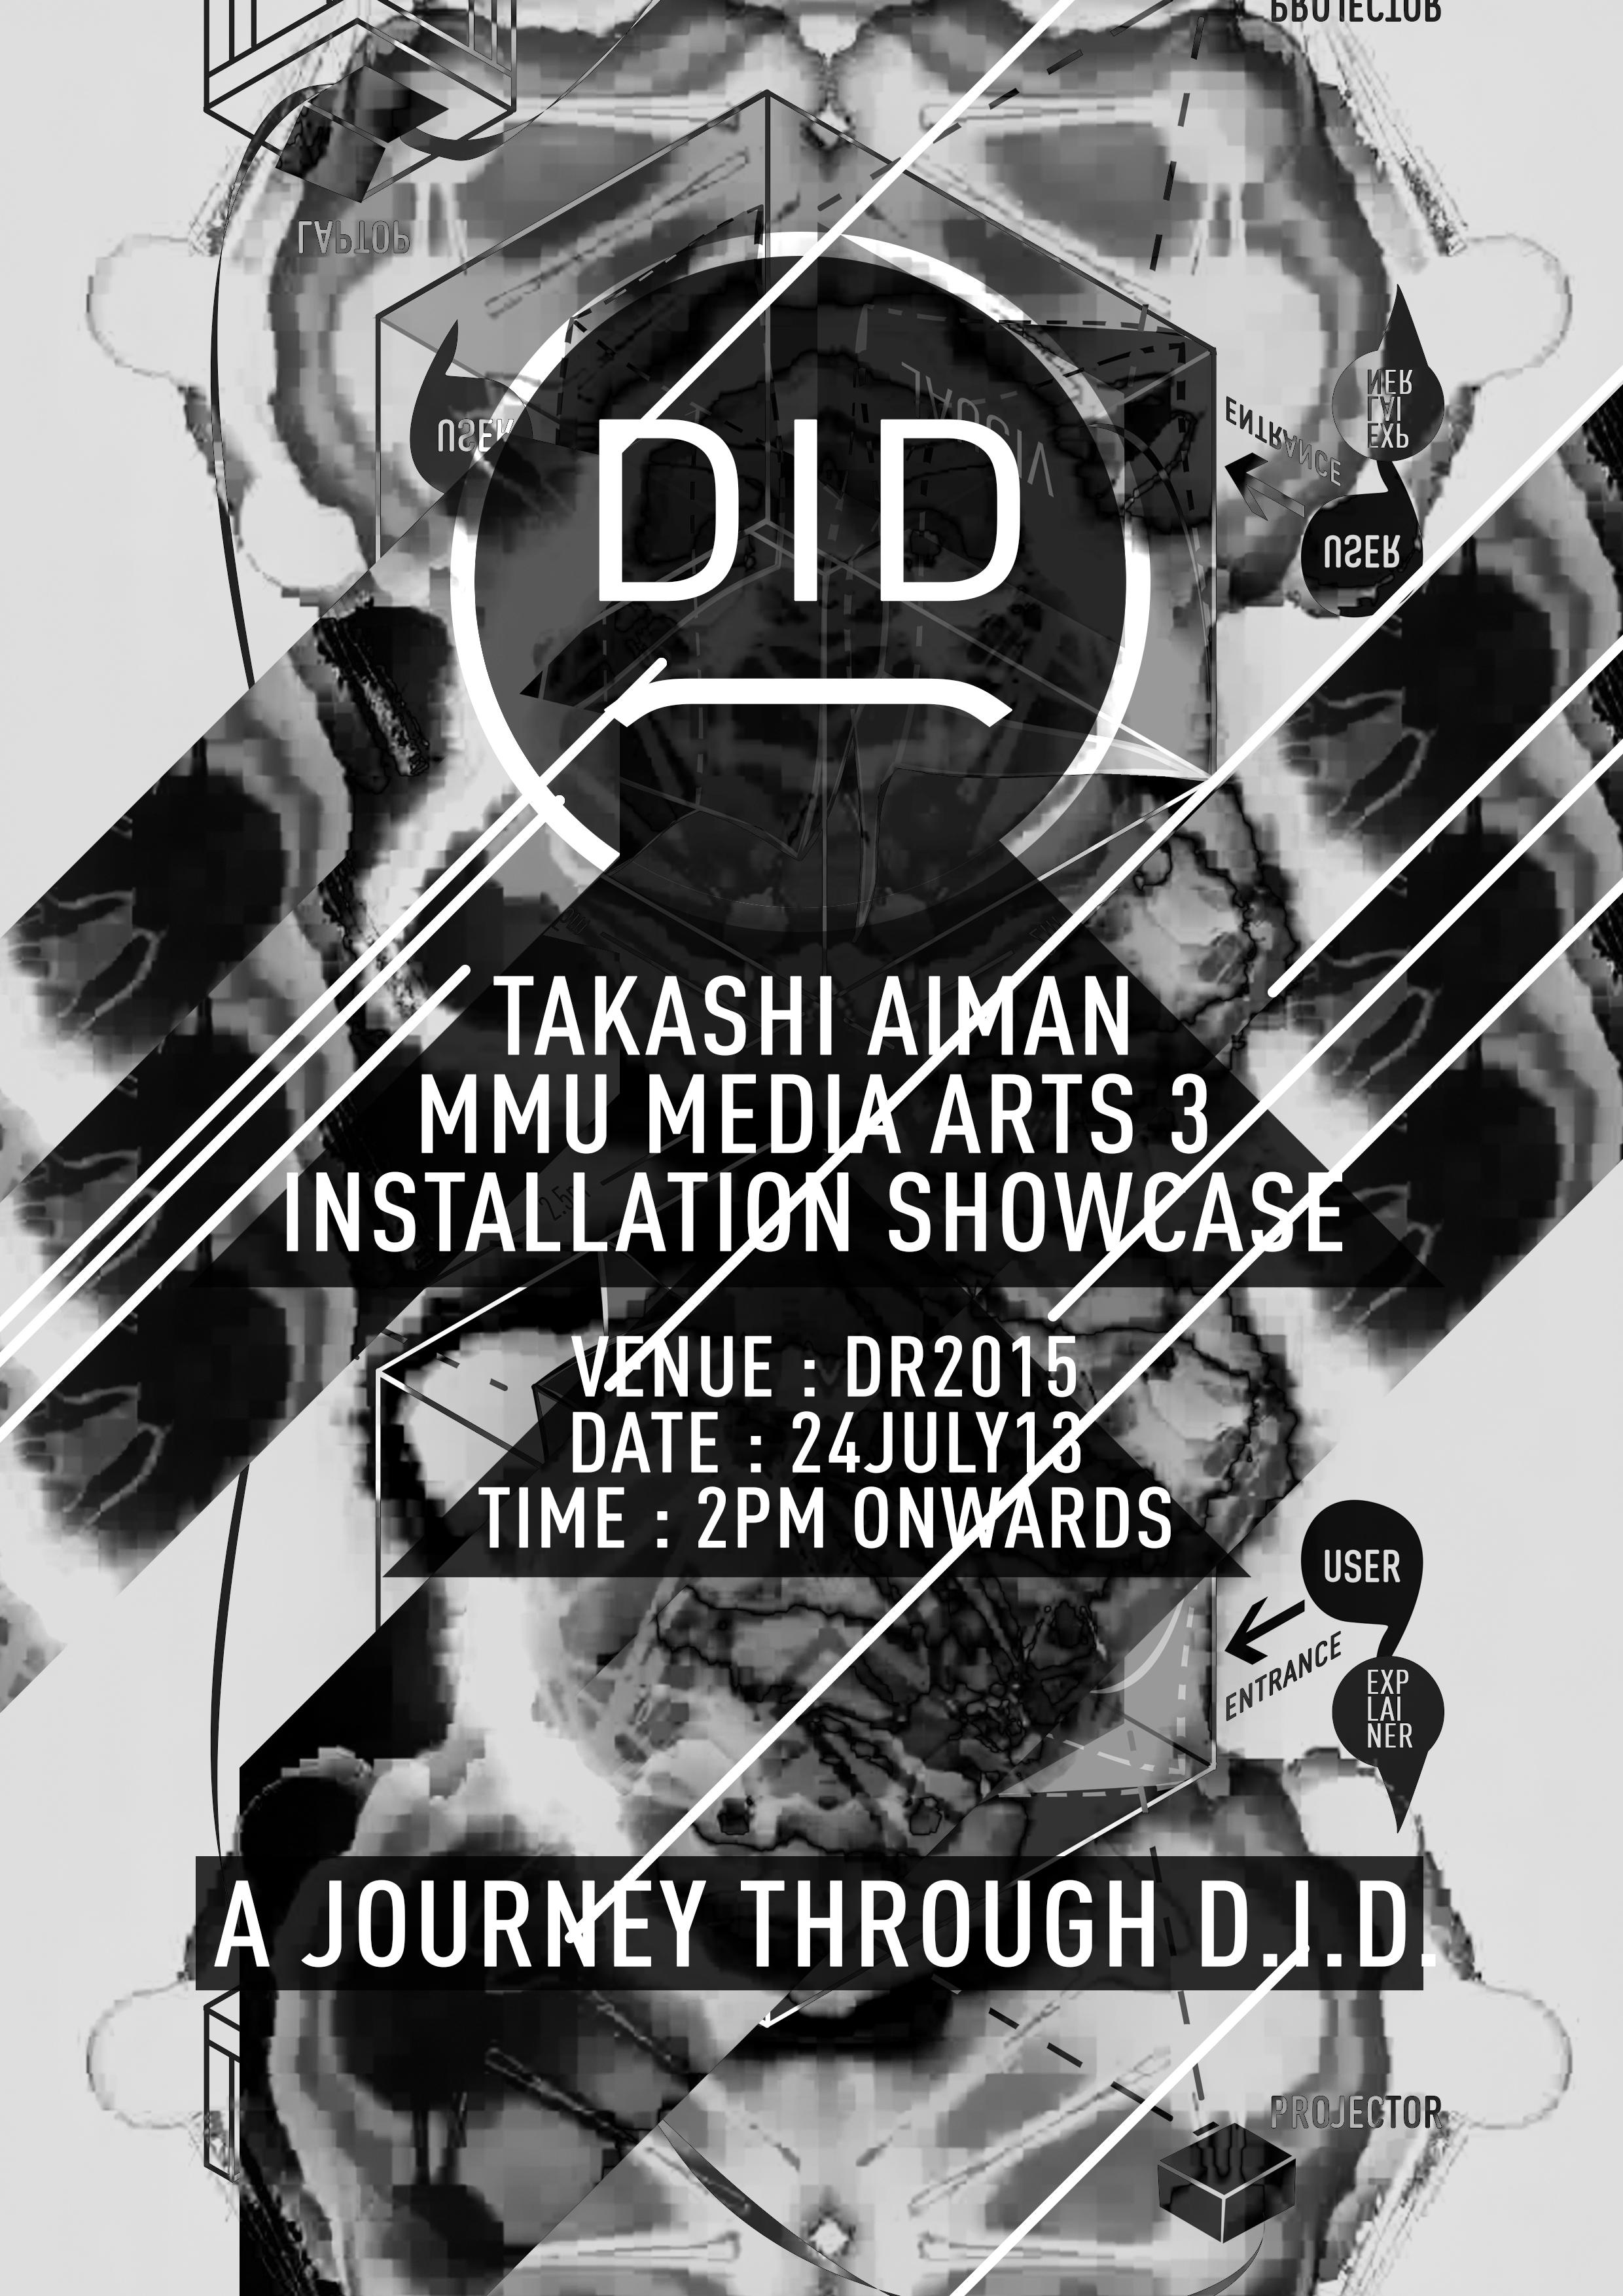 D.I.D. poster